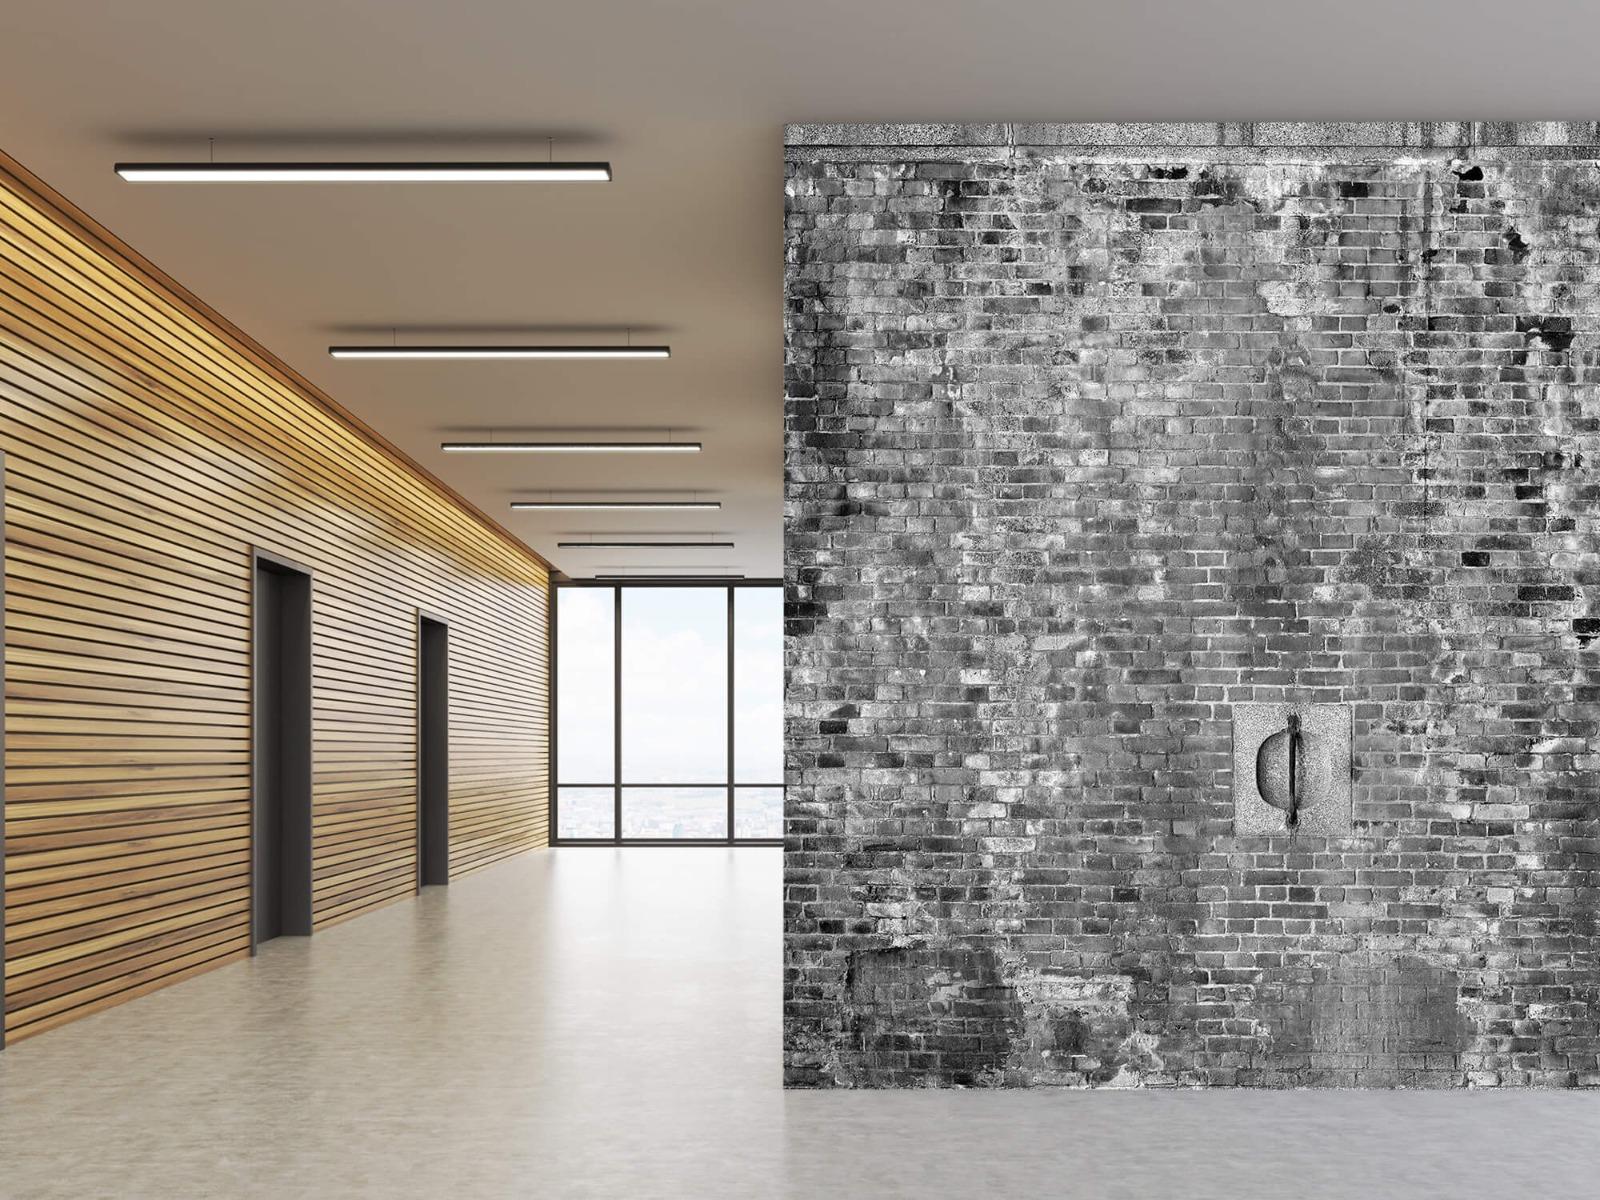 Steen behang - Verweerde muur - Tienerkamer 8